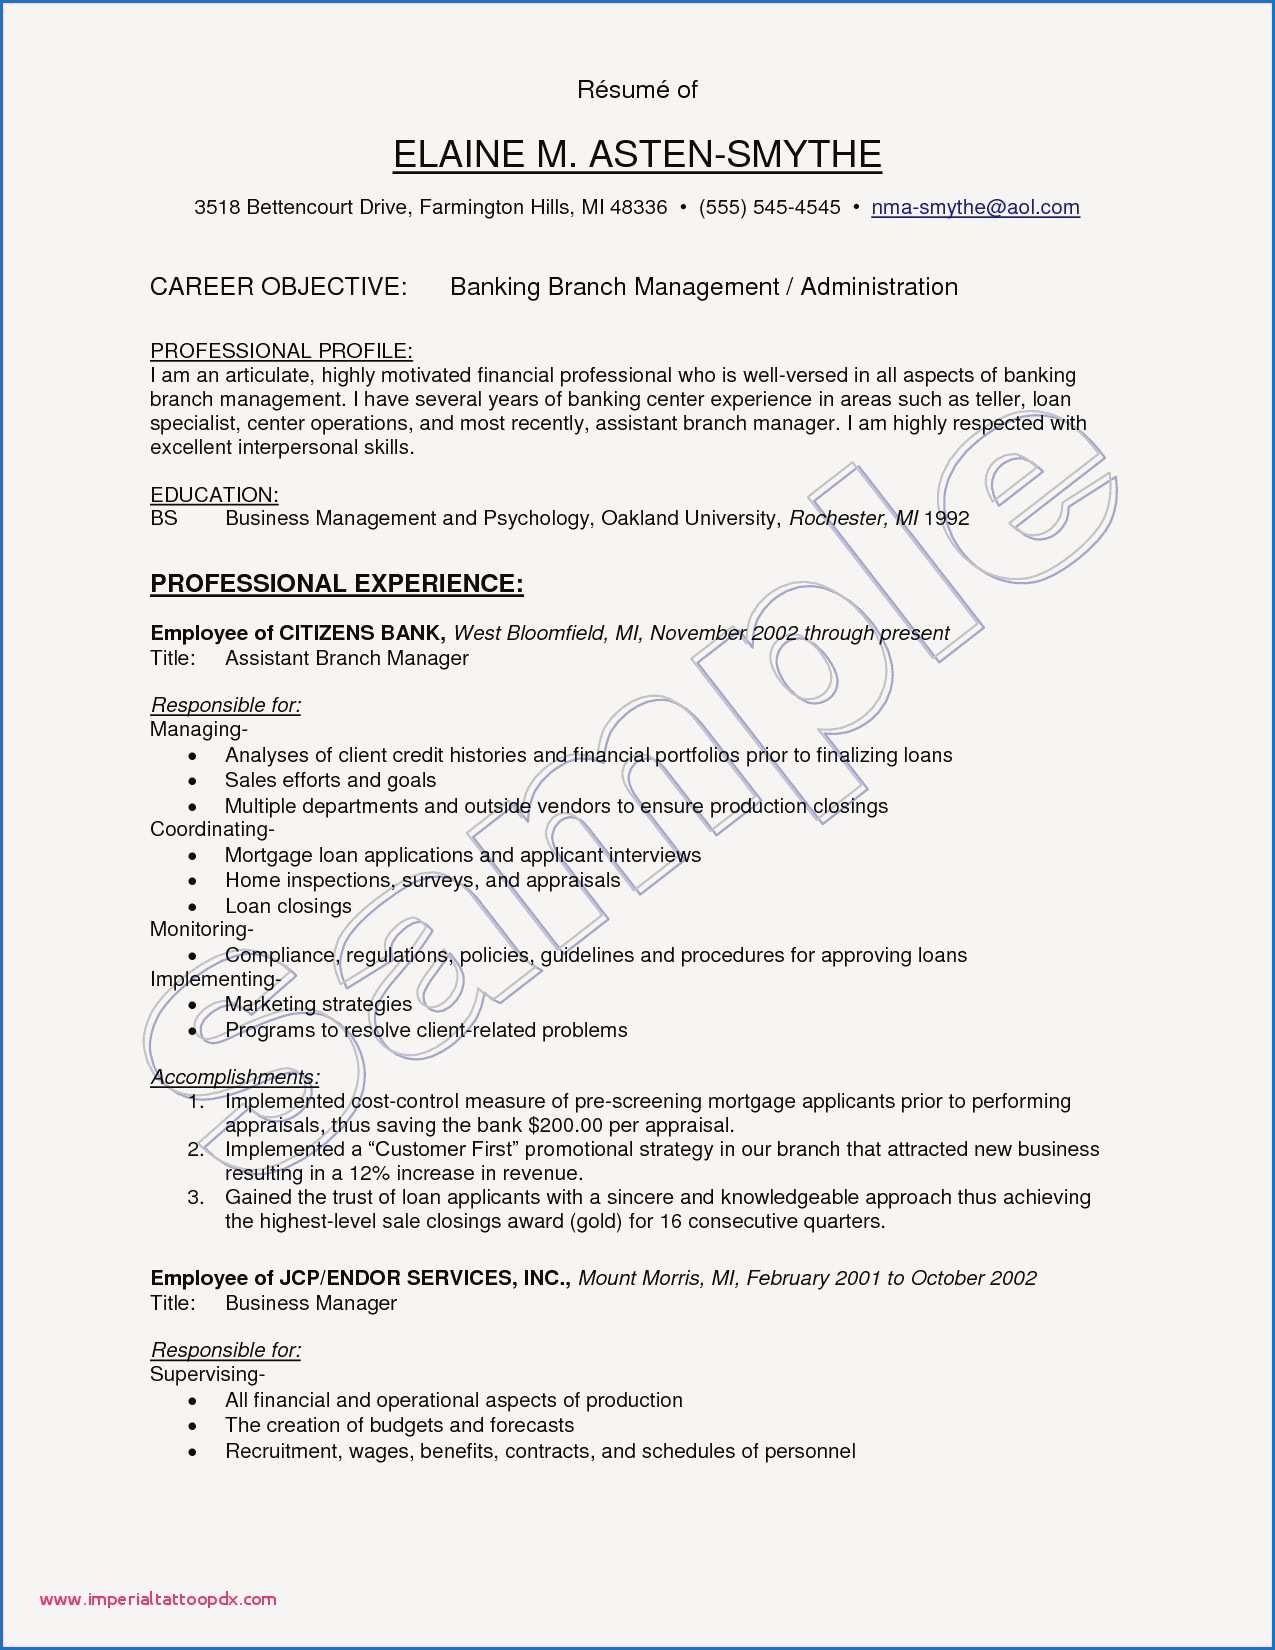 9 Sample Cv For Customer Service Supervisor Check More At Https Www Ortelle Org Sample Cv For Customer Service Supervisor